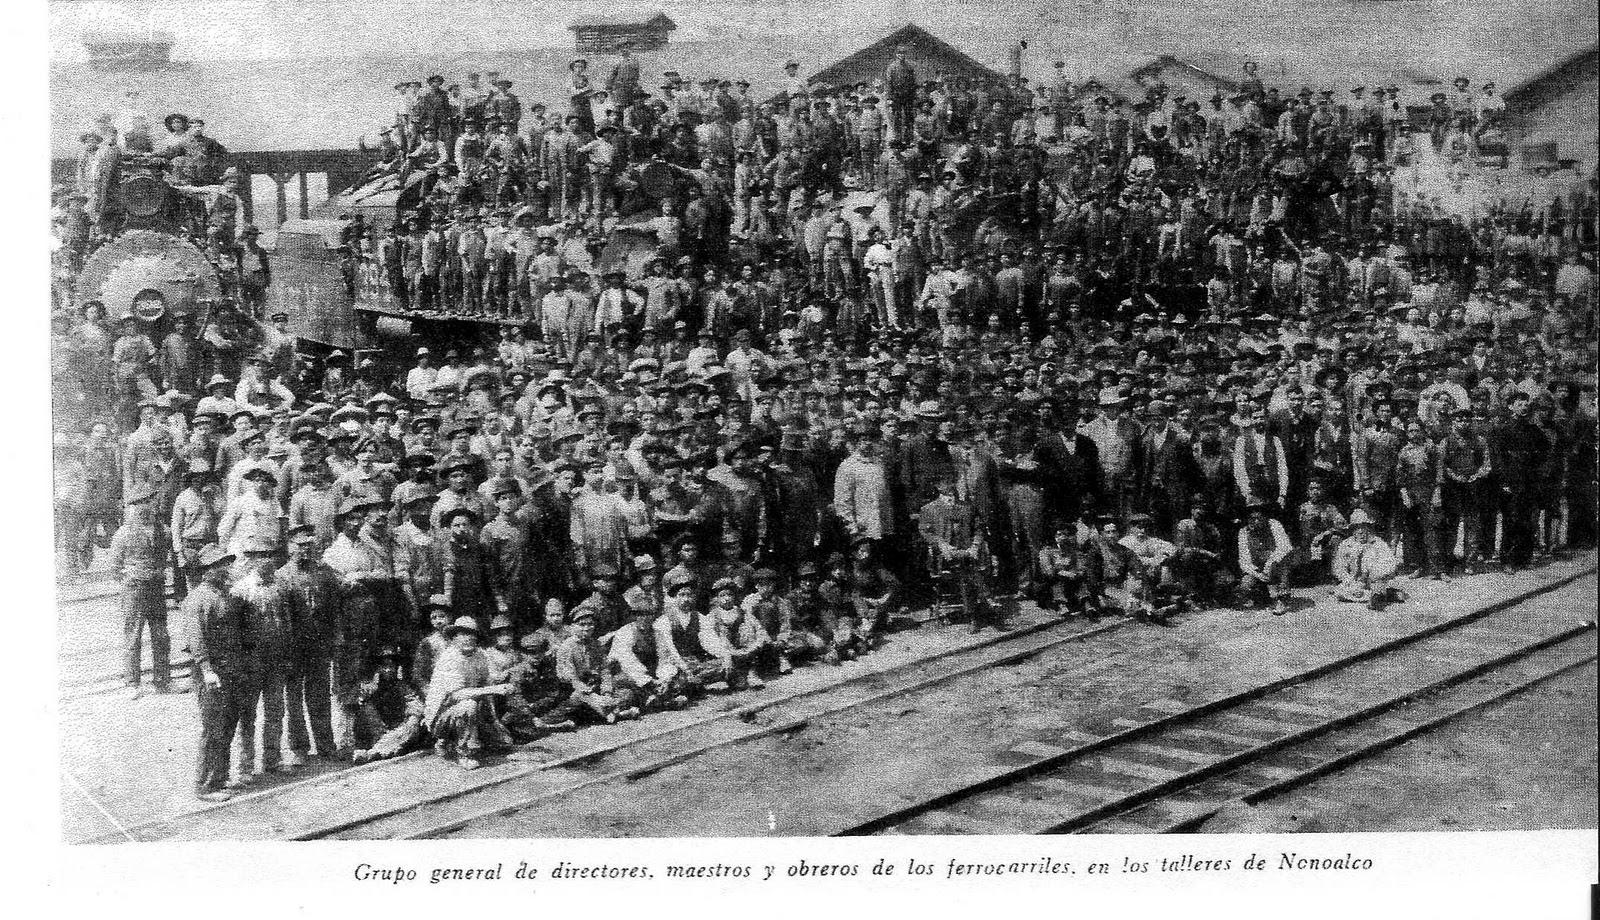 El porfiriato comprende de 18877 a 1884 y de 1884 a 1911. La